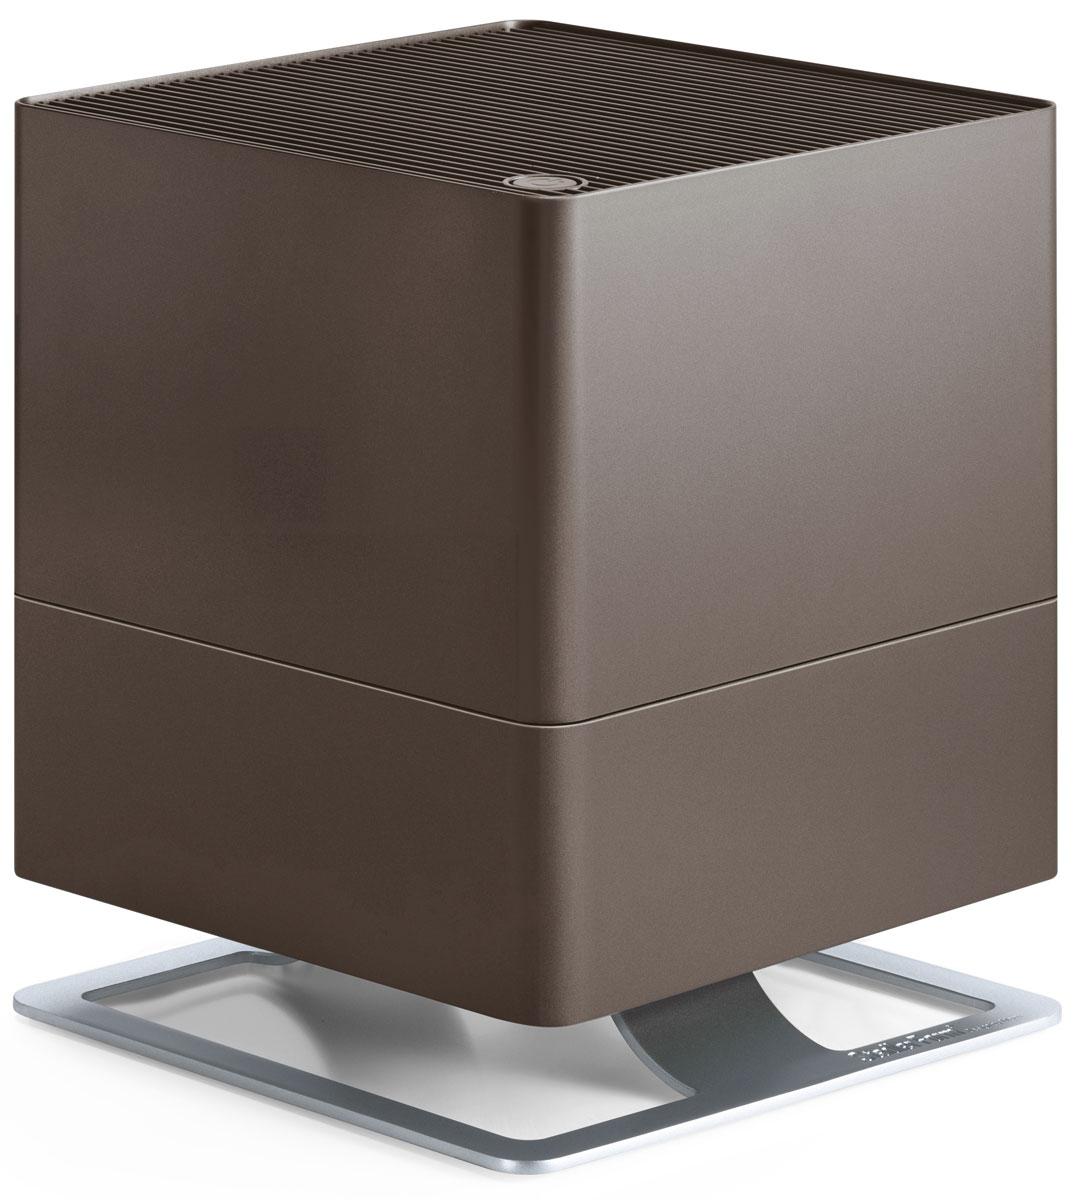 Stadler Form Oskar, Bronze увлажнитель воздуха0802322005561Поддержание оптимального уровня влажности – актуальная необходимость для помещений, где работают кондиционеры, отопительные приборы, для оранжерей и медицинских учреждений. Stadler Form Oskar – это идеальный выбор, ведь в таких помещениях очень важно сбалансированное сочетание высокой производительности и умеренного энергопотребления. Соблюдение этого баланса – главное достоинство увлажнителя Oskar: при производительности около 300 мл/час, его энергопотребление составляет всего 18 Вт. Это соответствует его работе на максимальной мощности, что позволяет за короткий срок значительно повысить уровень влажности. Дальнейшая работа увлажнителя регулируется двумя параметрами. Во-первых, устанавливается желаемый процент влажности, по достижению которого прибор отключается по команде встроенного гигростата. Во-вторых, из четырех скоростей воздушного потока можно выбрать желаемую вручную, таким образом настроив интенсивность работы вентилятора.Принцип работы Stadler Form Oskar – естественное увлажнение, которое осуществляется испарением влаги с поверхности антибактериальных фильтров. Это позволяет, во-первых, не допустить образования белого налета, которым сопровождается работа ультразвукового увлажнителя. Во-вторых, наличие таких фильтров предотвращает развитие бактерий в резервуаре с водой и, соответственно, их дальнейшее попадание во вдыхаемый воздух.Долив воды можно осуществлять во время работы прибора, а контроль ее уровня осуществлять через специальное смотровое отверстие. Помимо этого, для удобства обслуживания, Oskar оснащен таймером, который вовремя напомнит о необходимости сменить фильтр. Теперь у вас будет на одну заботу меньше.Невысокий уровень шума, особенно в ночном режиме, делает работу прибора почти незаметной. В ночном режиме также приглушается подсветка, что позволяет эффективно использовать прибор и во время сна.Ну и для полноты технологического совершенства, Oskar, помимо основной функции увлажнени